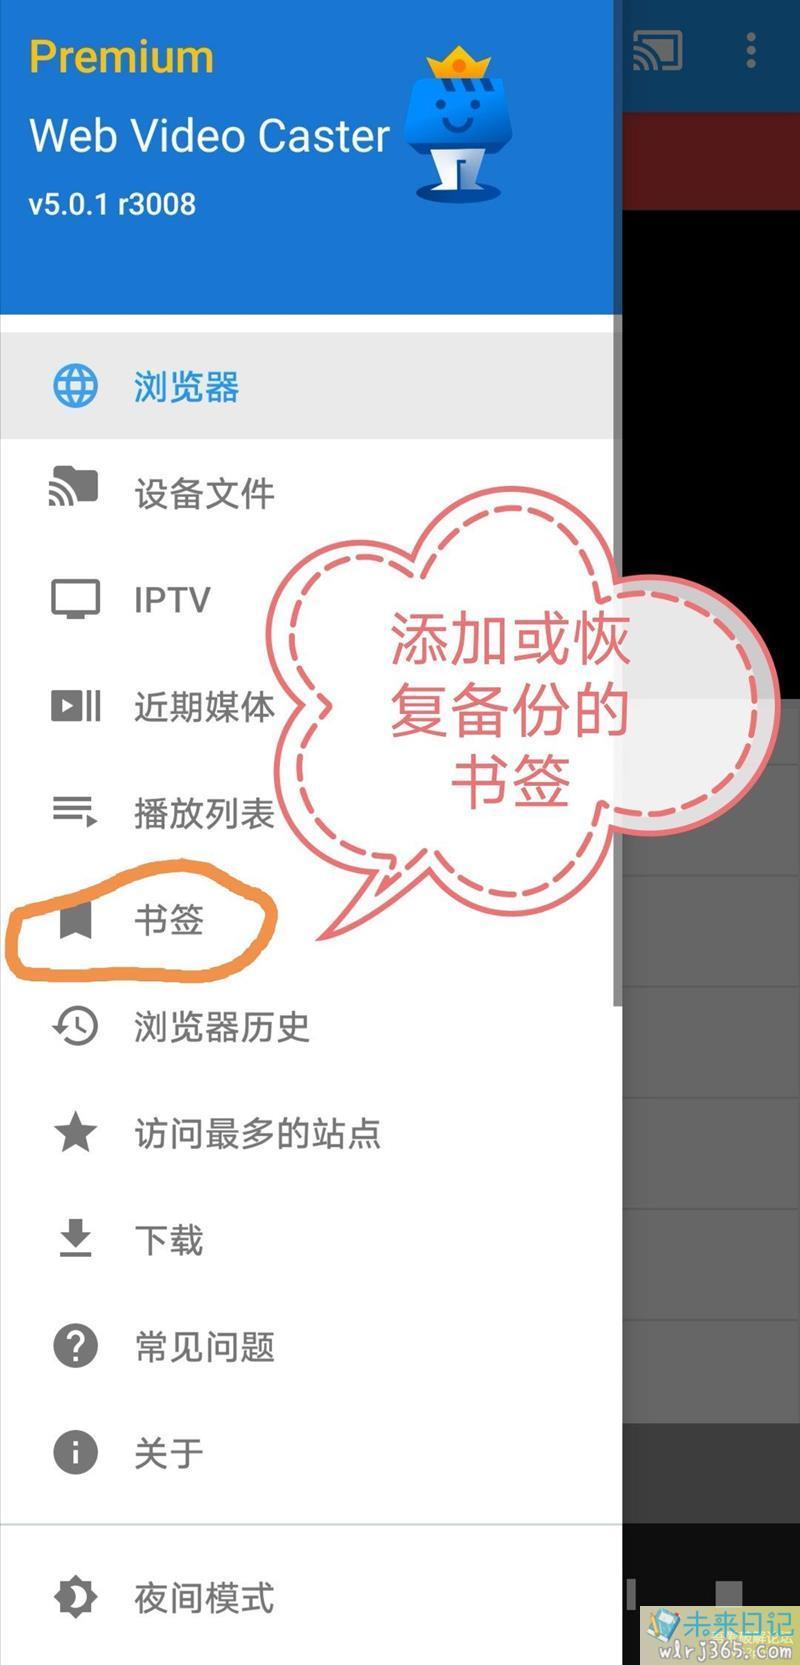 安卓快点投屏v1.5.0.3绿化版,支持投屏各视频网站和百度网盘图片 No.13